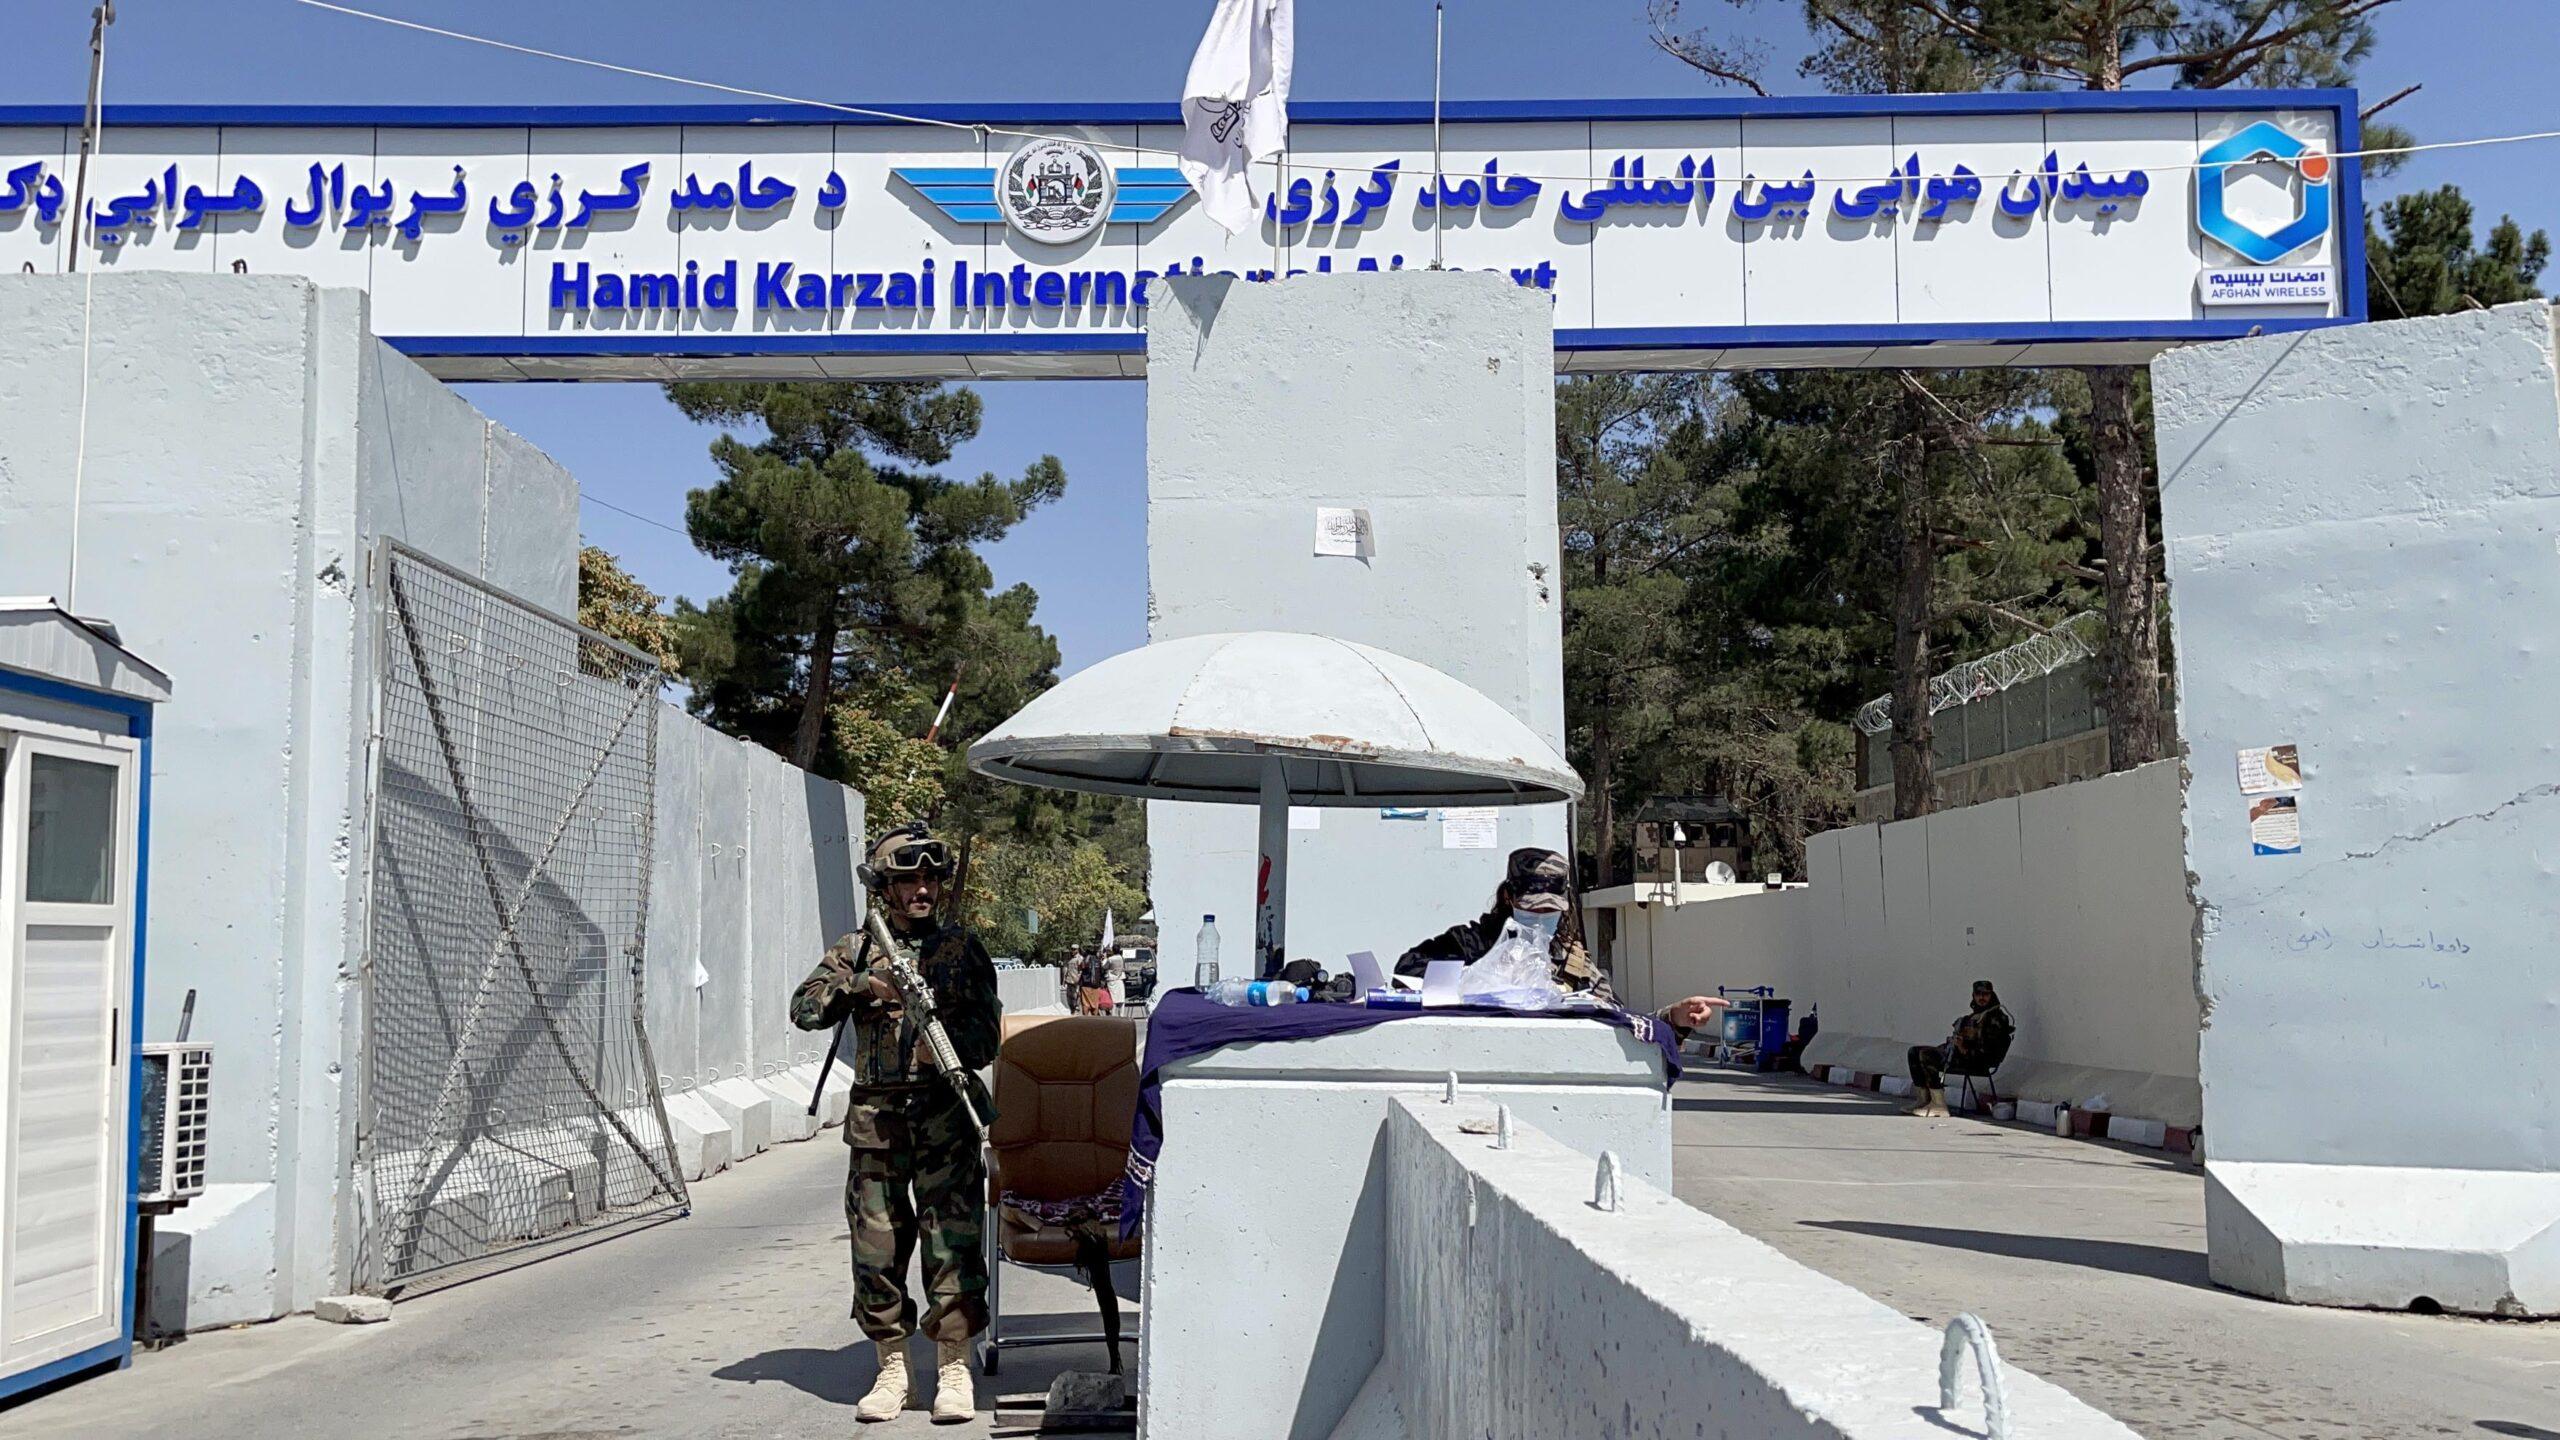 gettyimages 1235232286 scaled - <b>Два евакуаційних українських рейси з Кабула зірвалися.</b> Таліби дізналися, що евакуювати намагалися людей з підробленими документами - Заборона